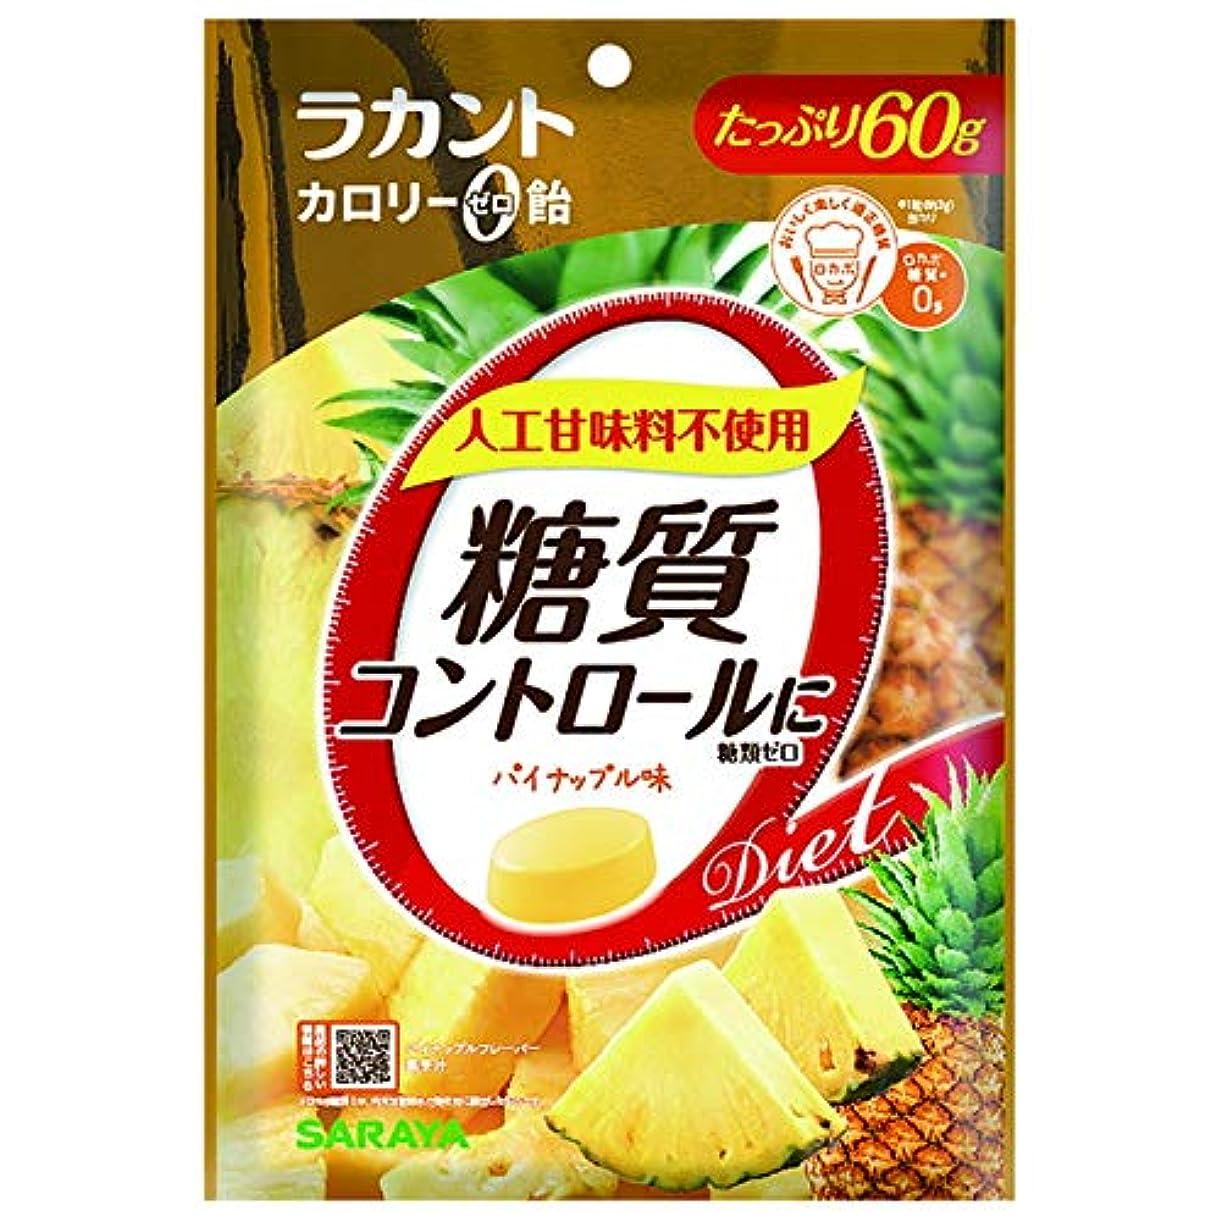 ジョイント晴れ消化ラカント カロリーゼロ飴 パイナップル 60g【3個セット】